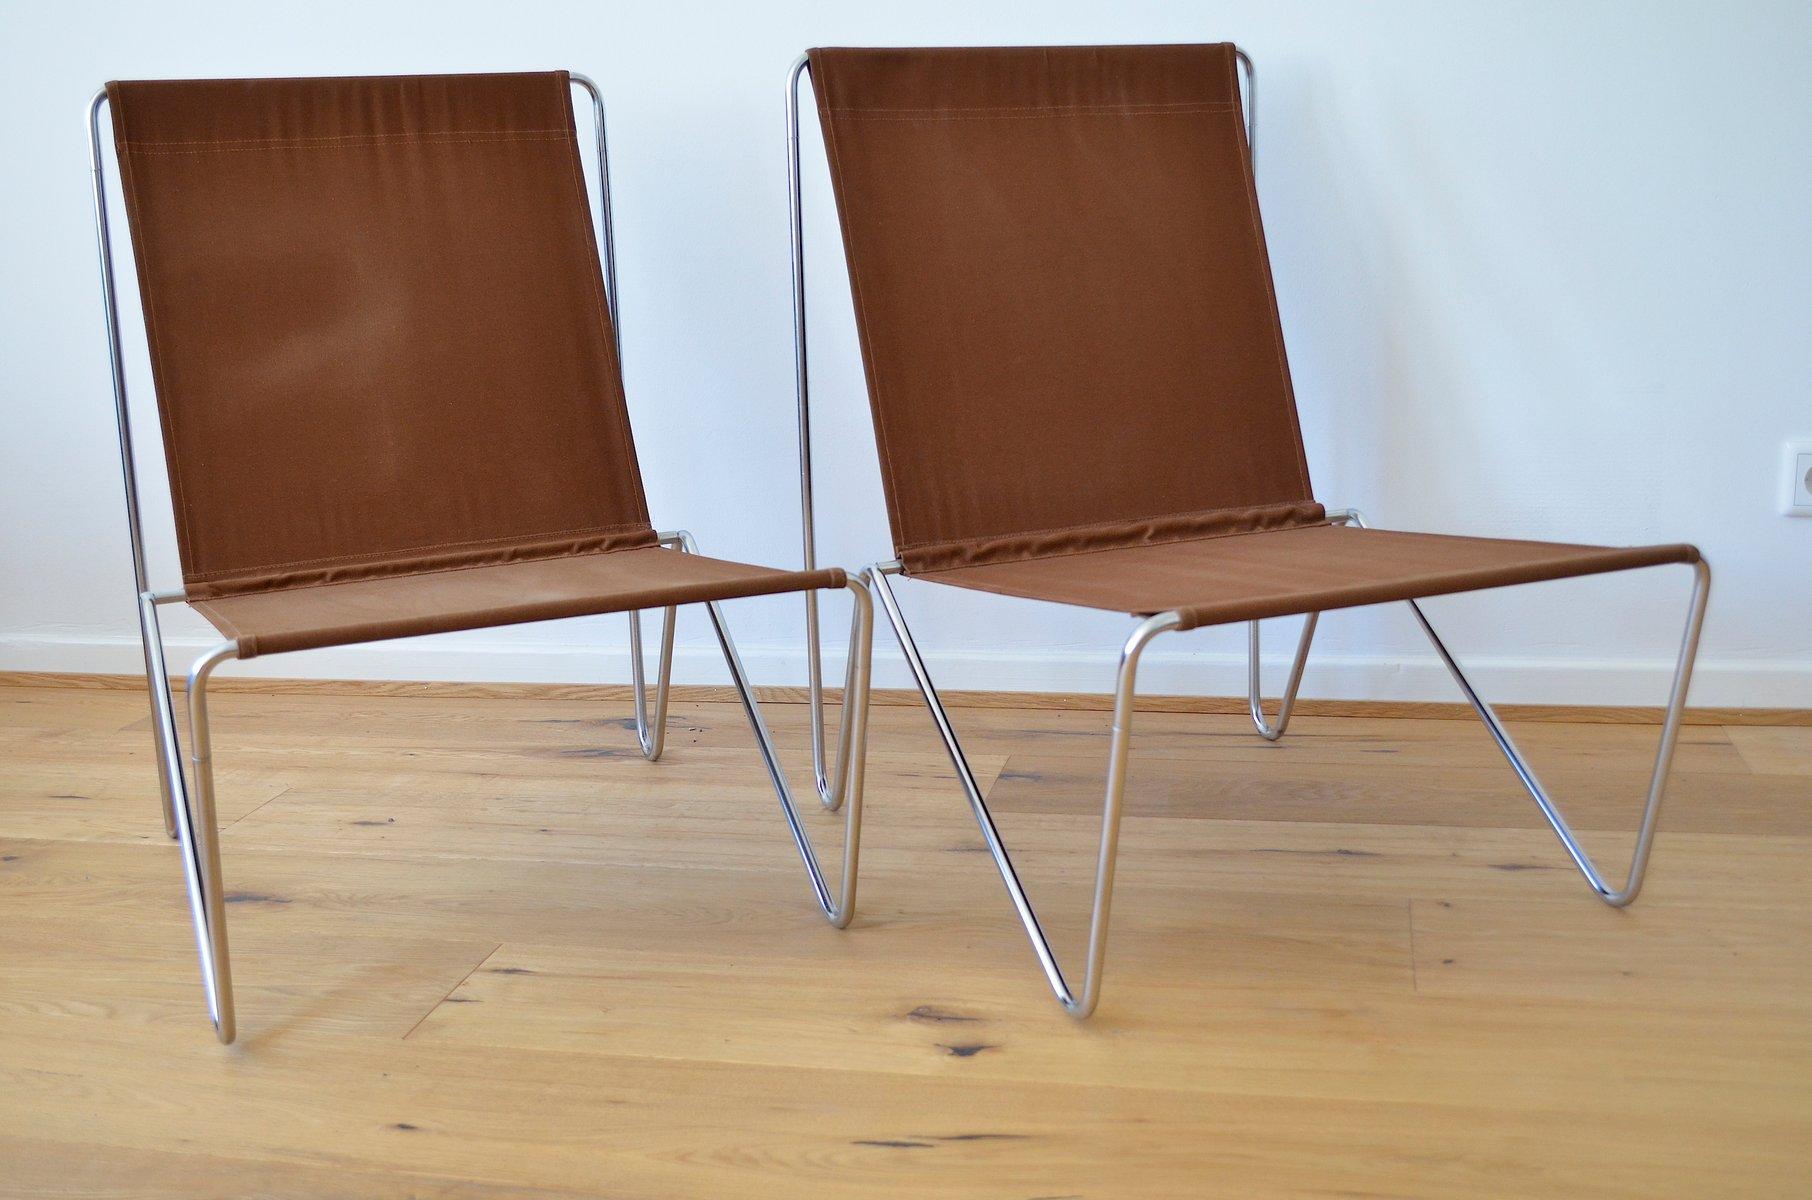 skandinavische vintage bachelor st hle von verner panton f r fritz hansen 2er set bei pamono kaufen. Black Bedroom Furniture Sets. Home Design Ideas